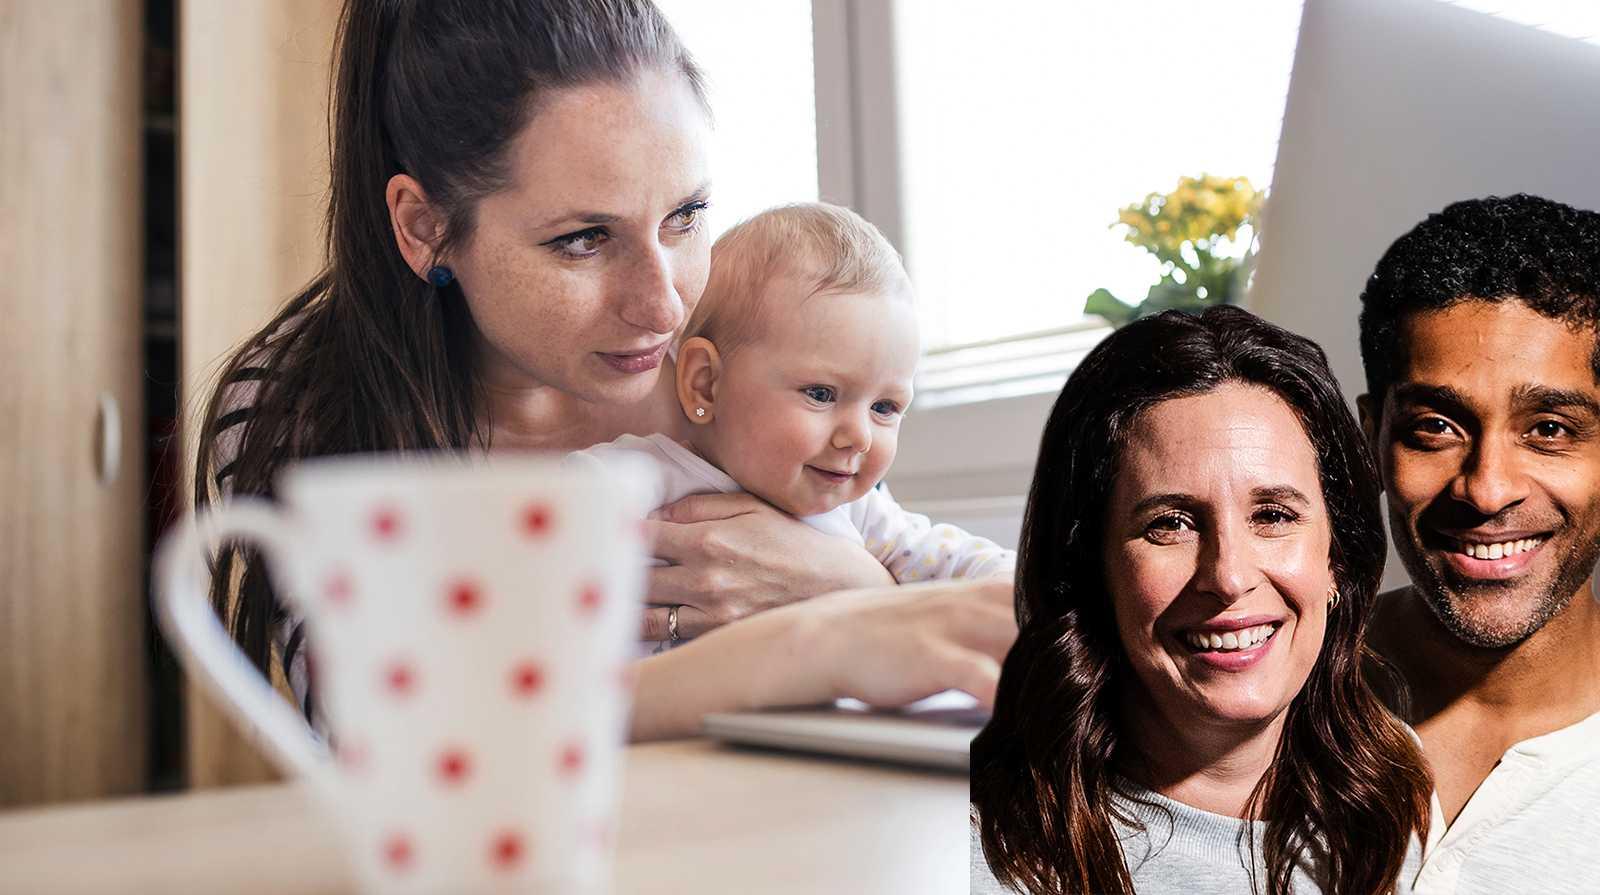 Paret Karim skriver om hur jobbigt det är att jobba hemma med barn.